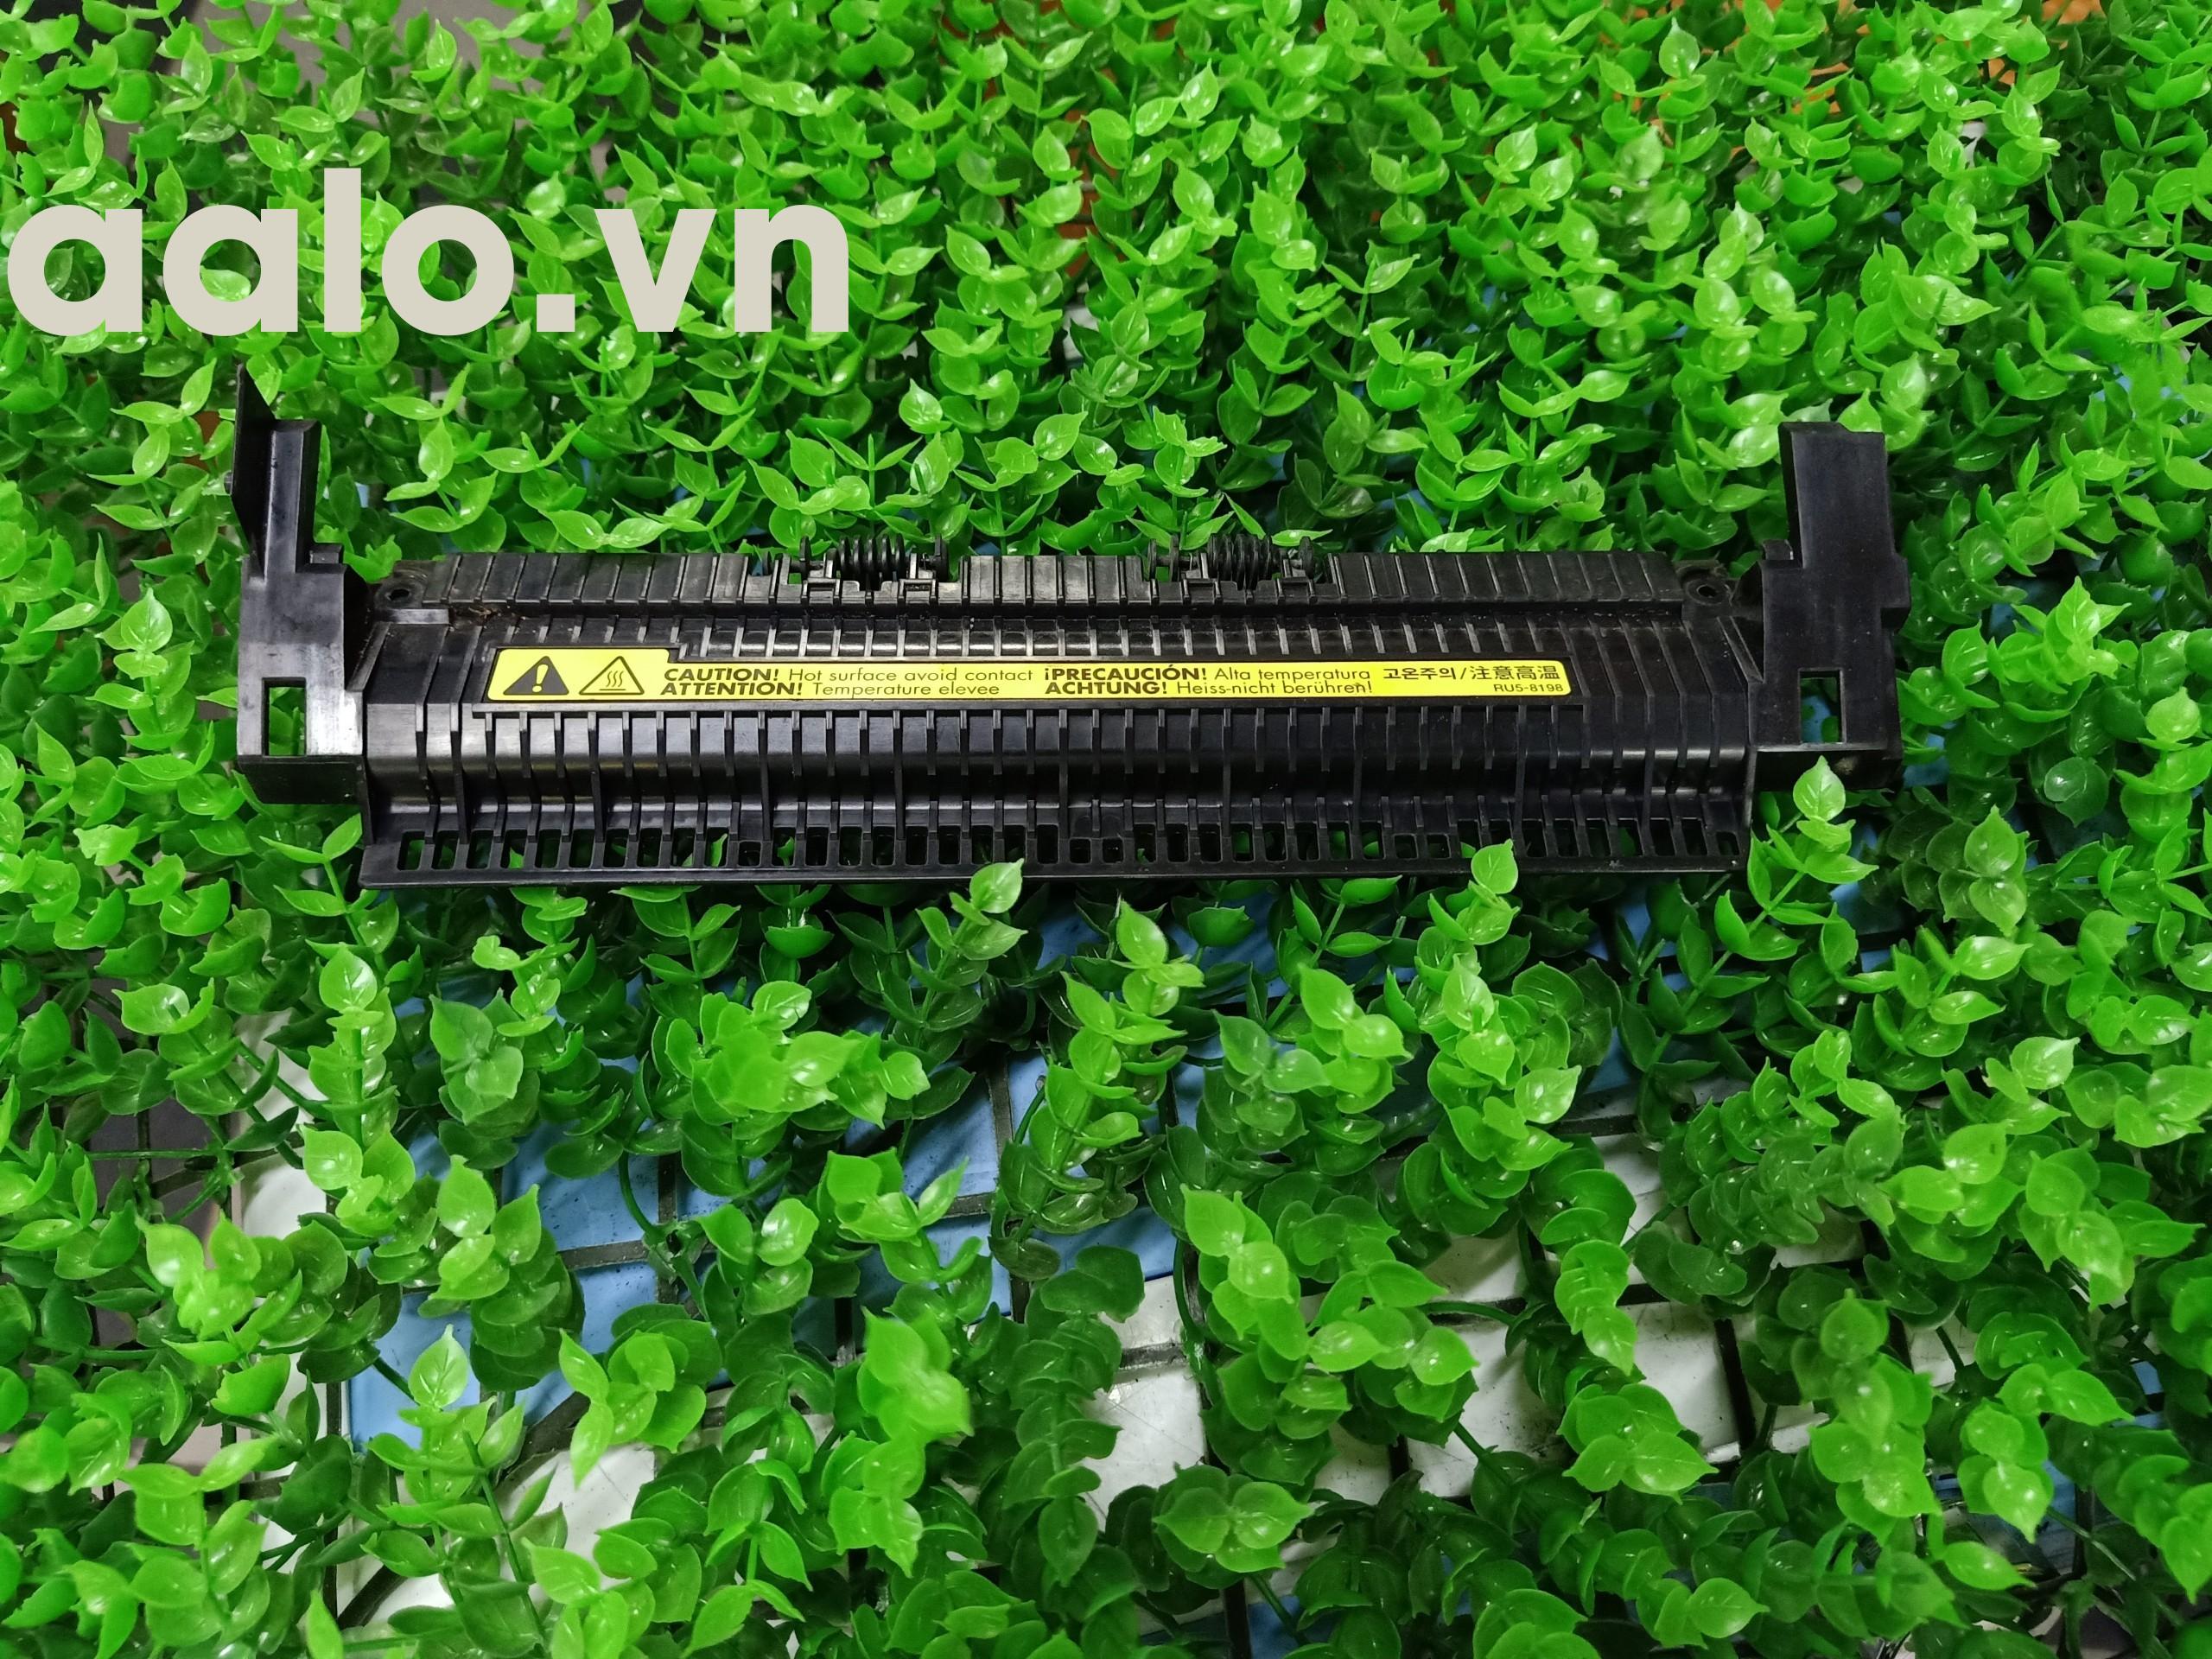 Ốp lăn giấy ra máy in Canon 2900 3000 hp 1020 hp 1010 - aalo.vn